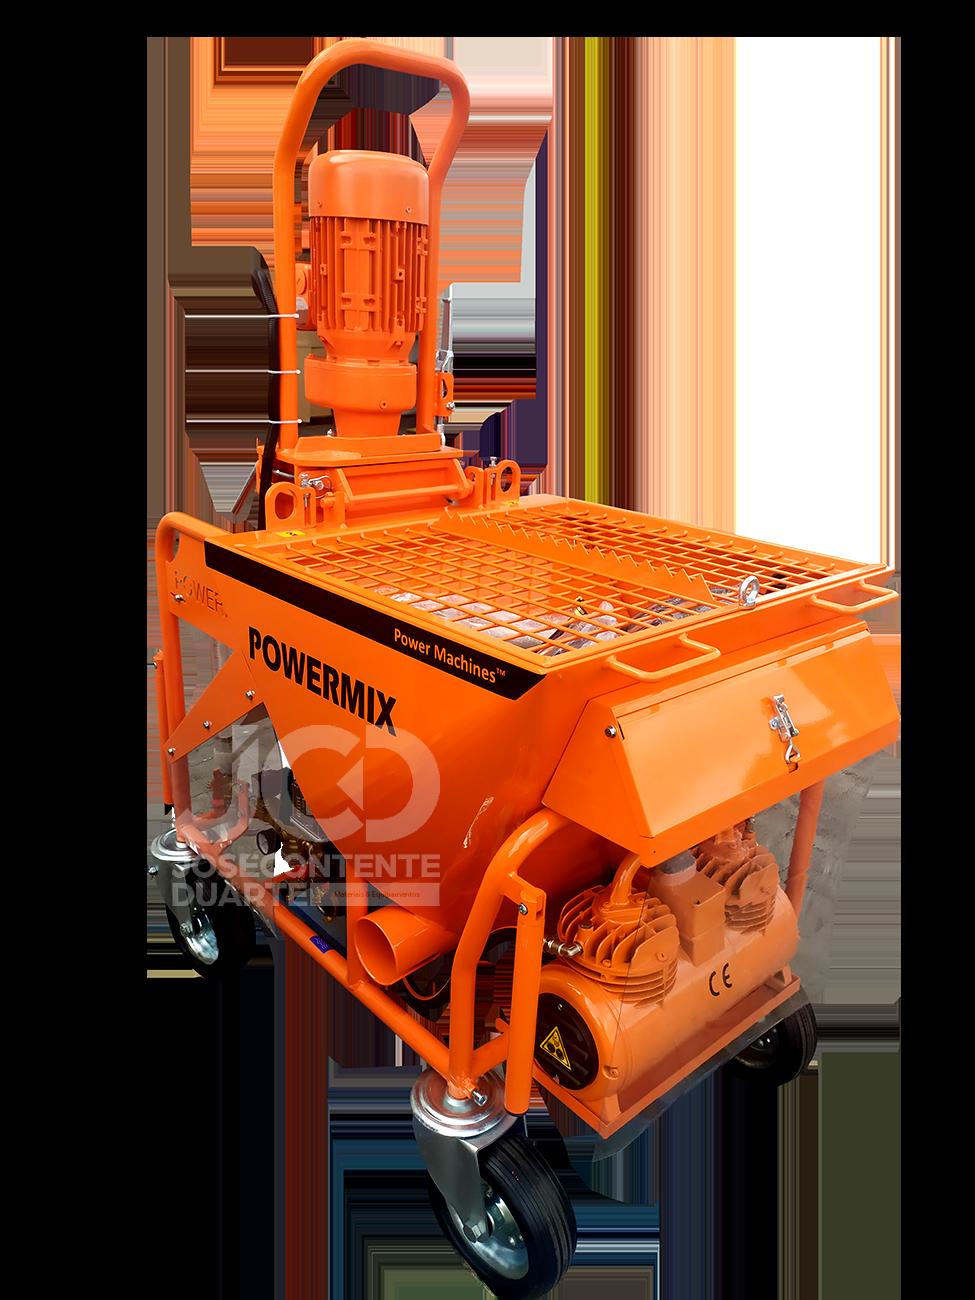 JCD, Powermix Euro, Maquinas de Projectar, Powermix em Portugal, Projetar Reboco, Projetar Gesso, Maquinas para construção, Chapisco, Mistura, Preços